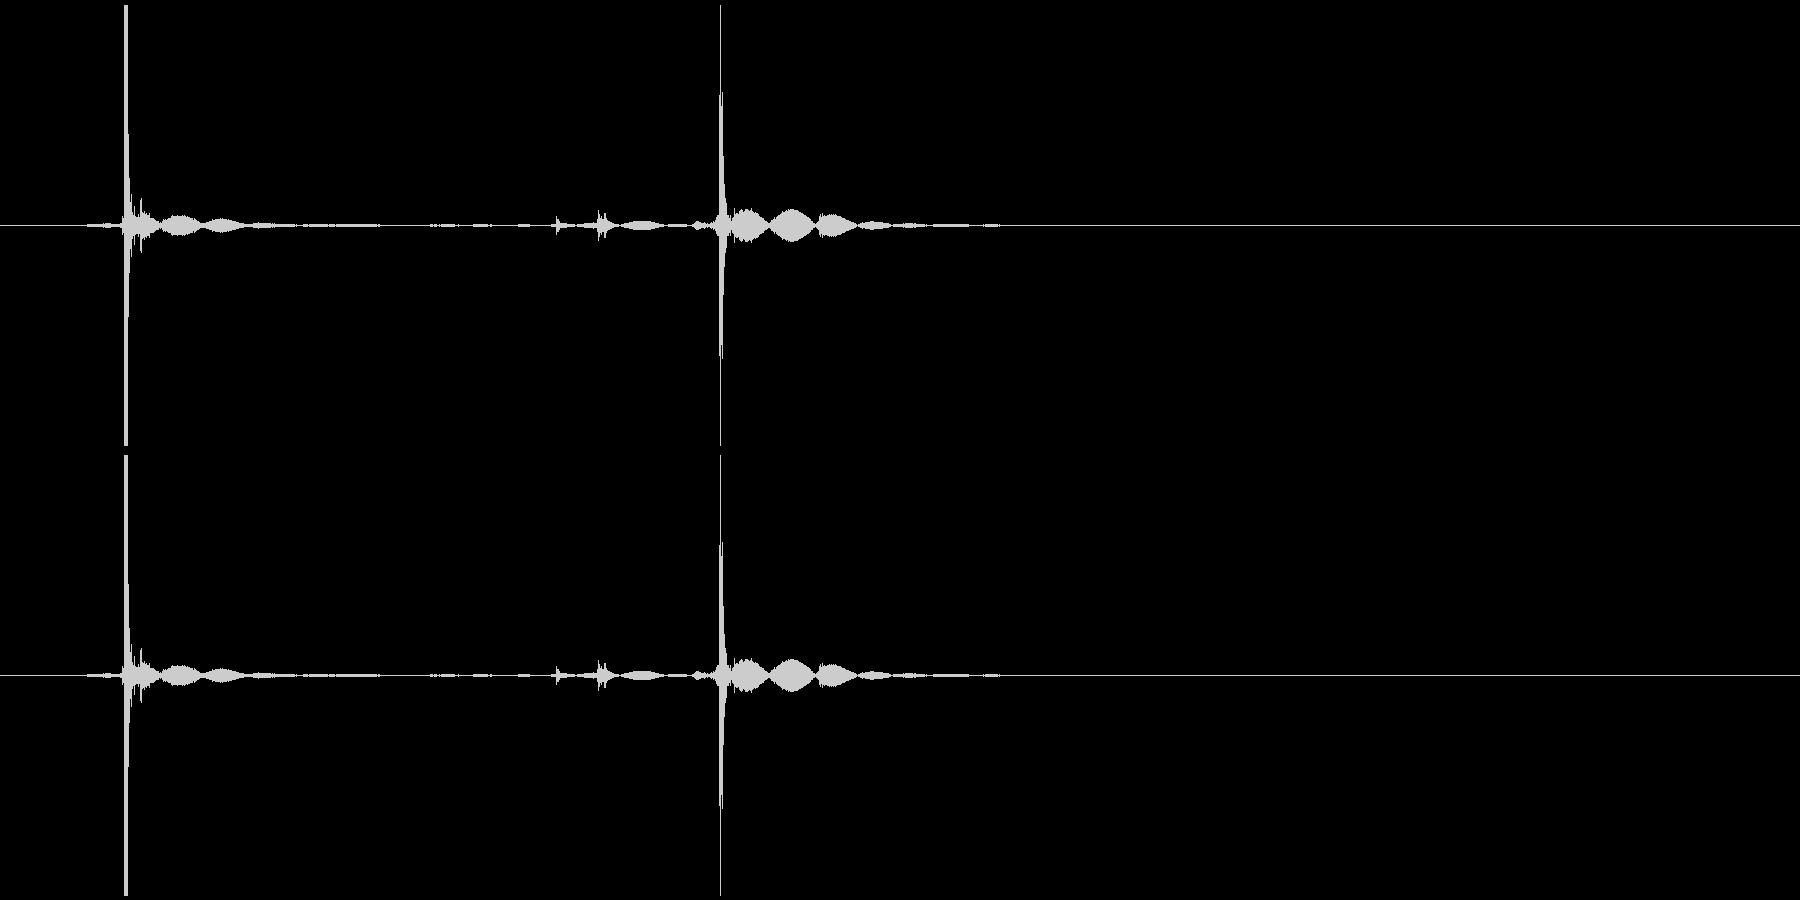 ボールペンのノック音の未再生の波形